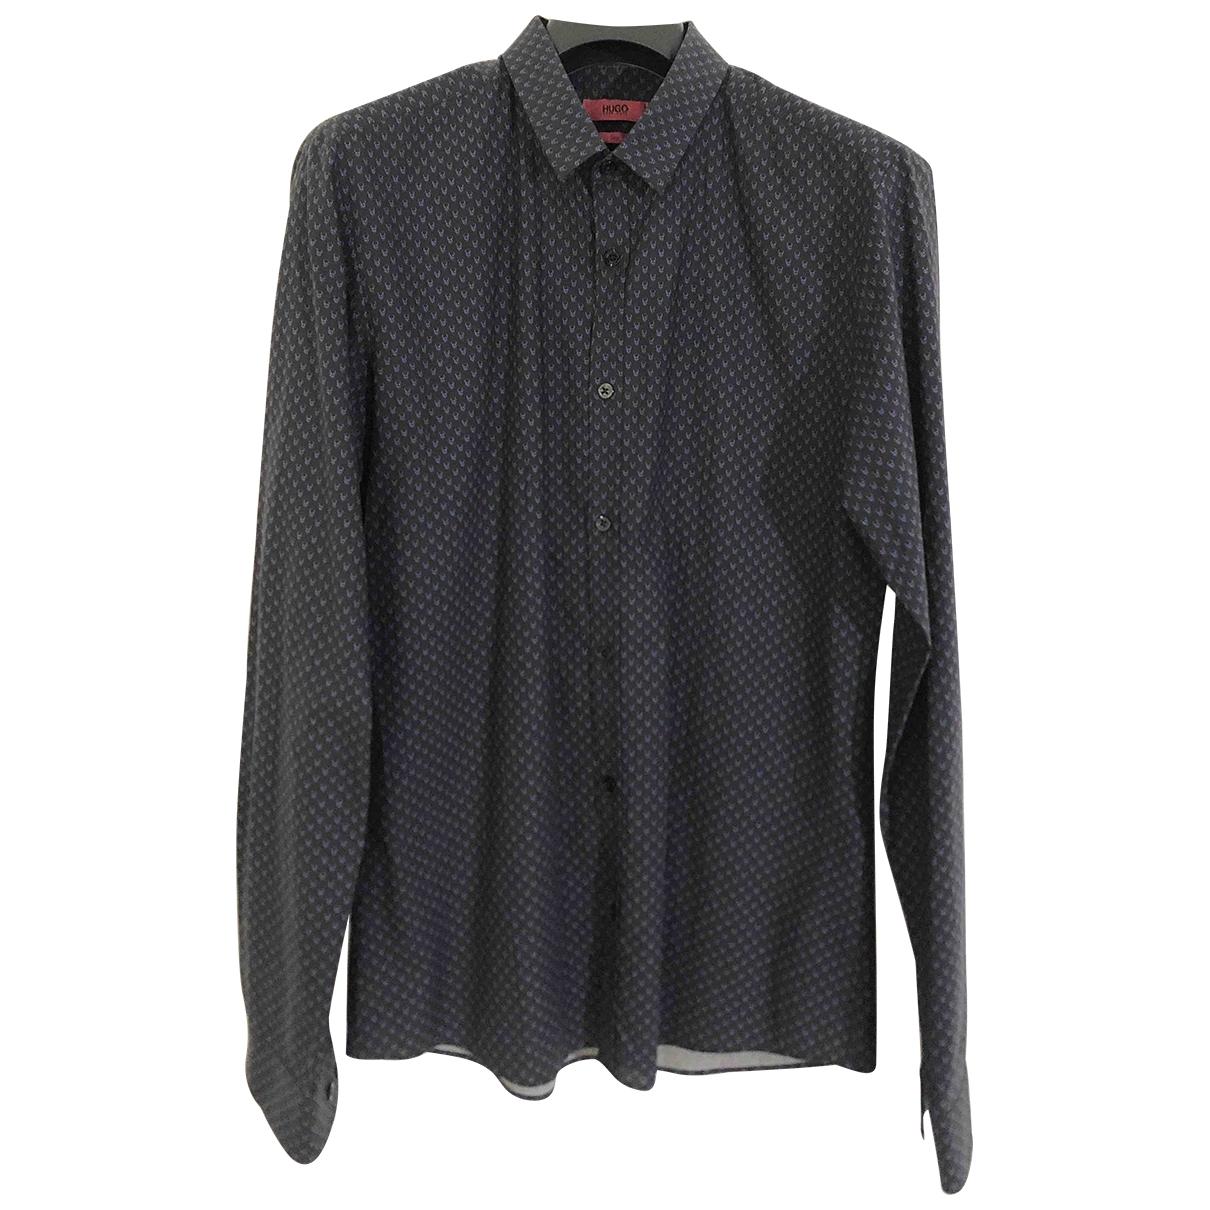 Hugo Boss - Chemises   pour homme en coton - anthracite